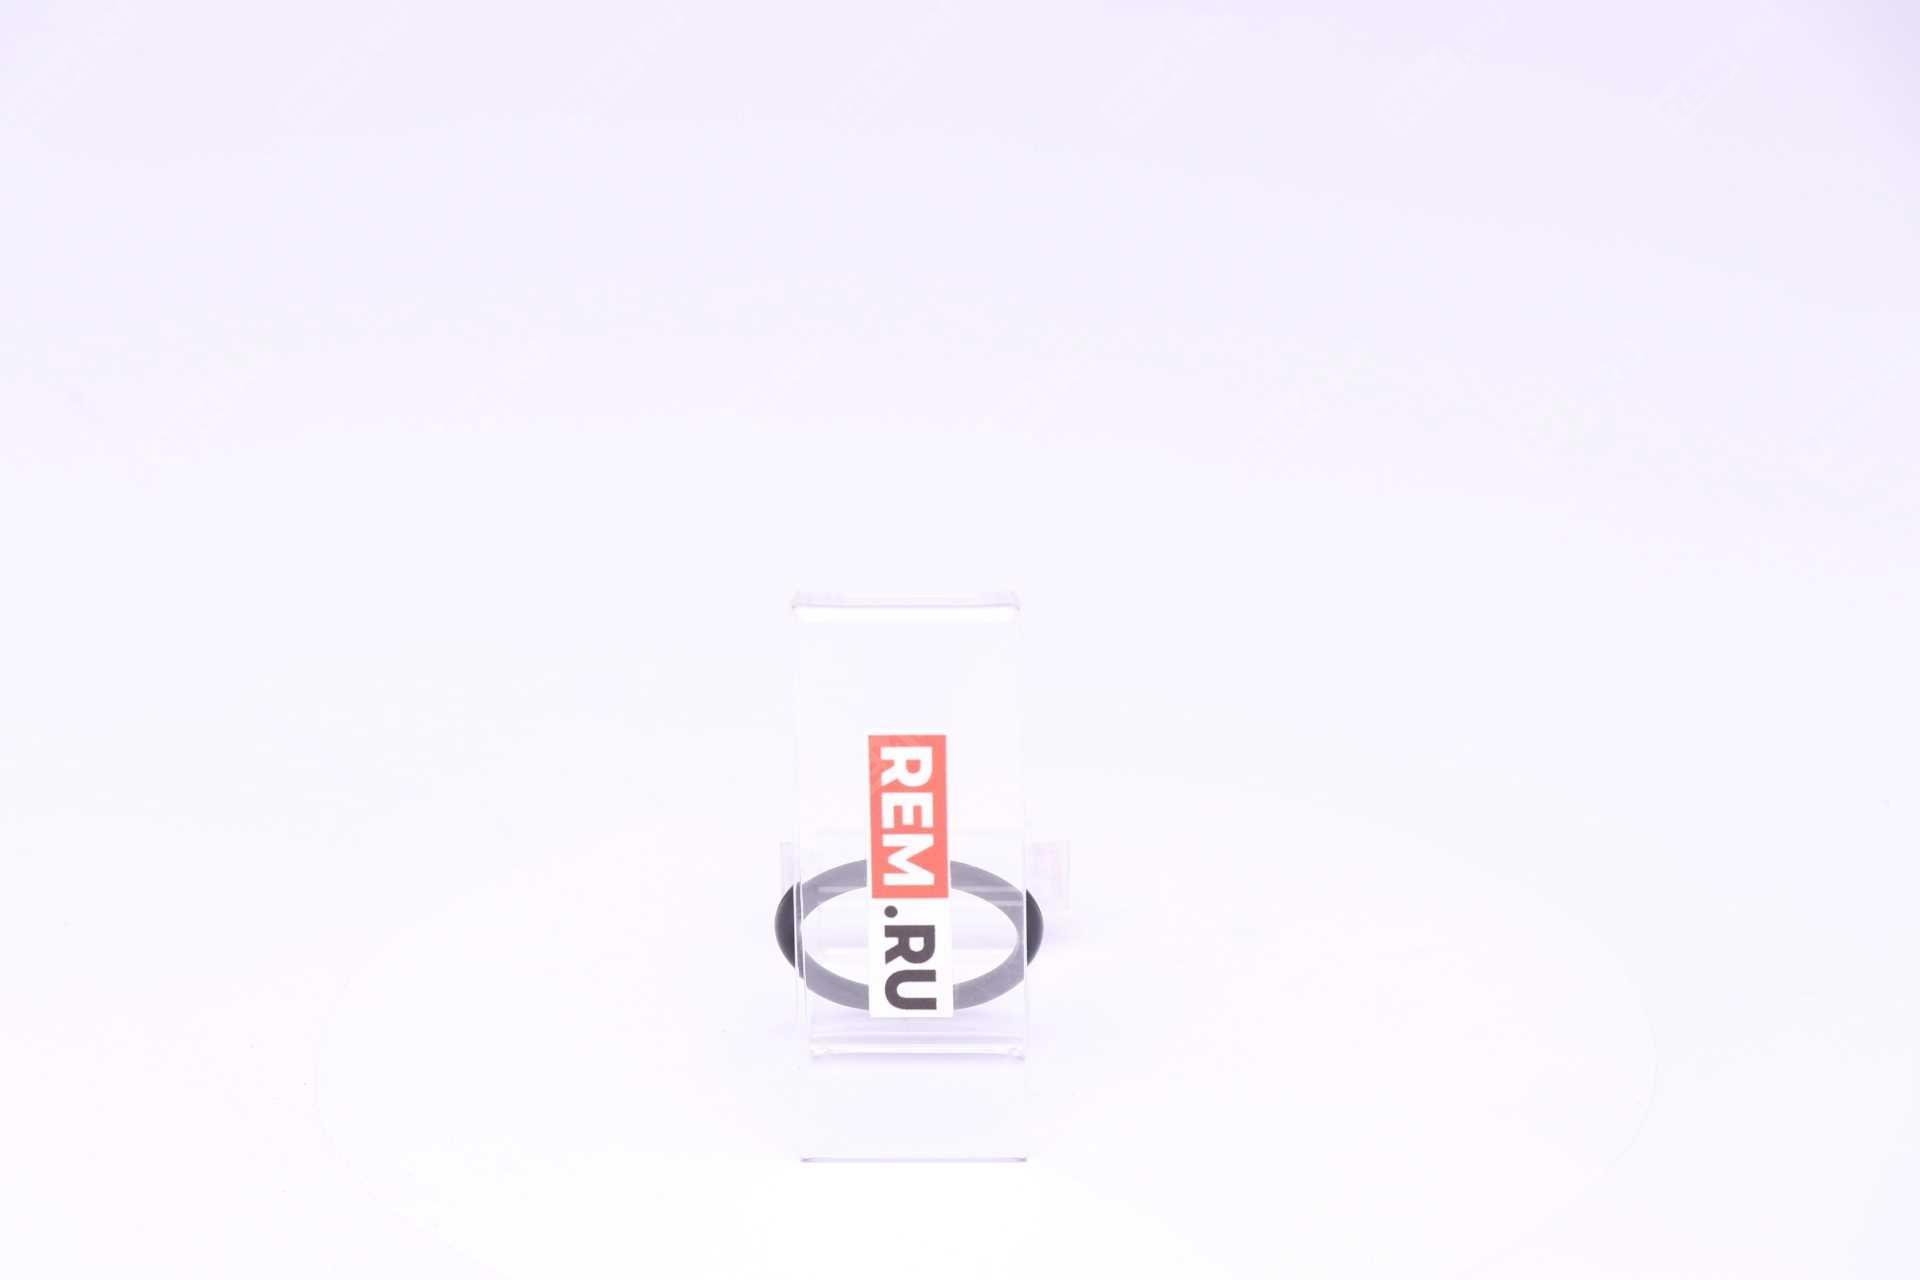 Кольцо уплотнительное N90765301